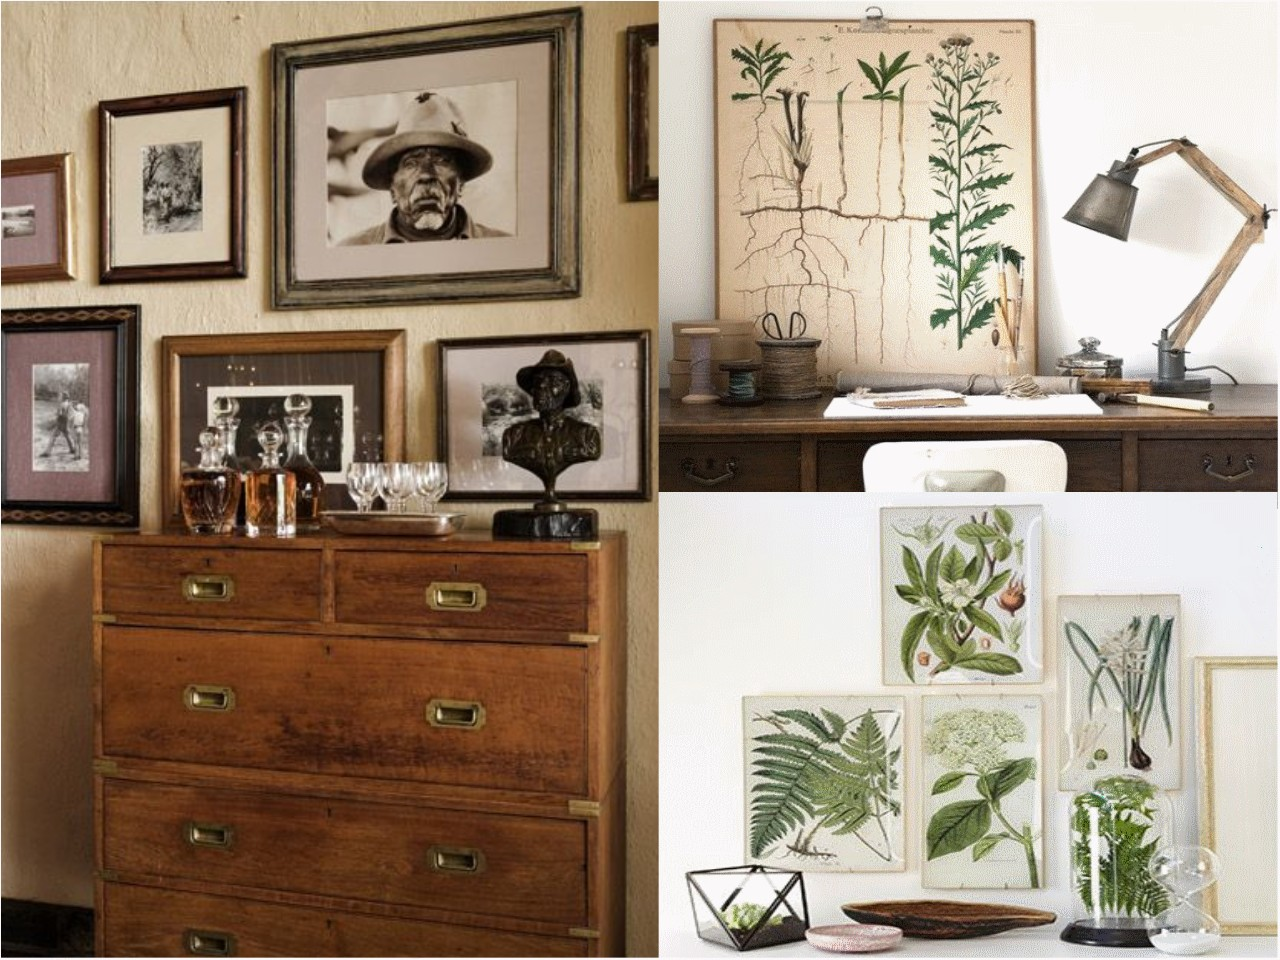 Dormitorios de estilo colonial a tu alcance en 7 pasos - Plantas para dormitorio ...